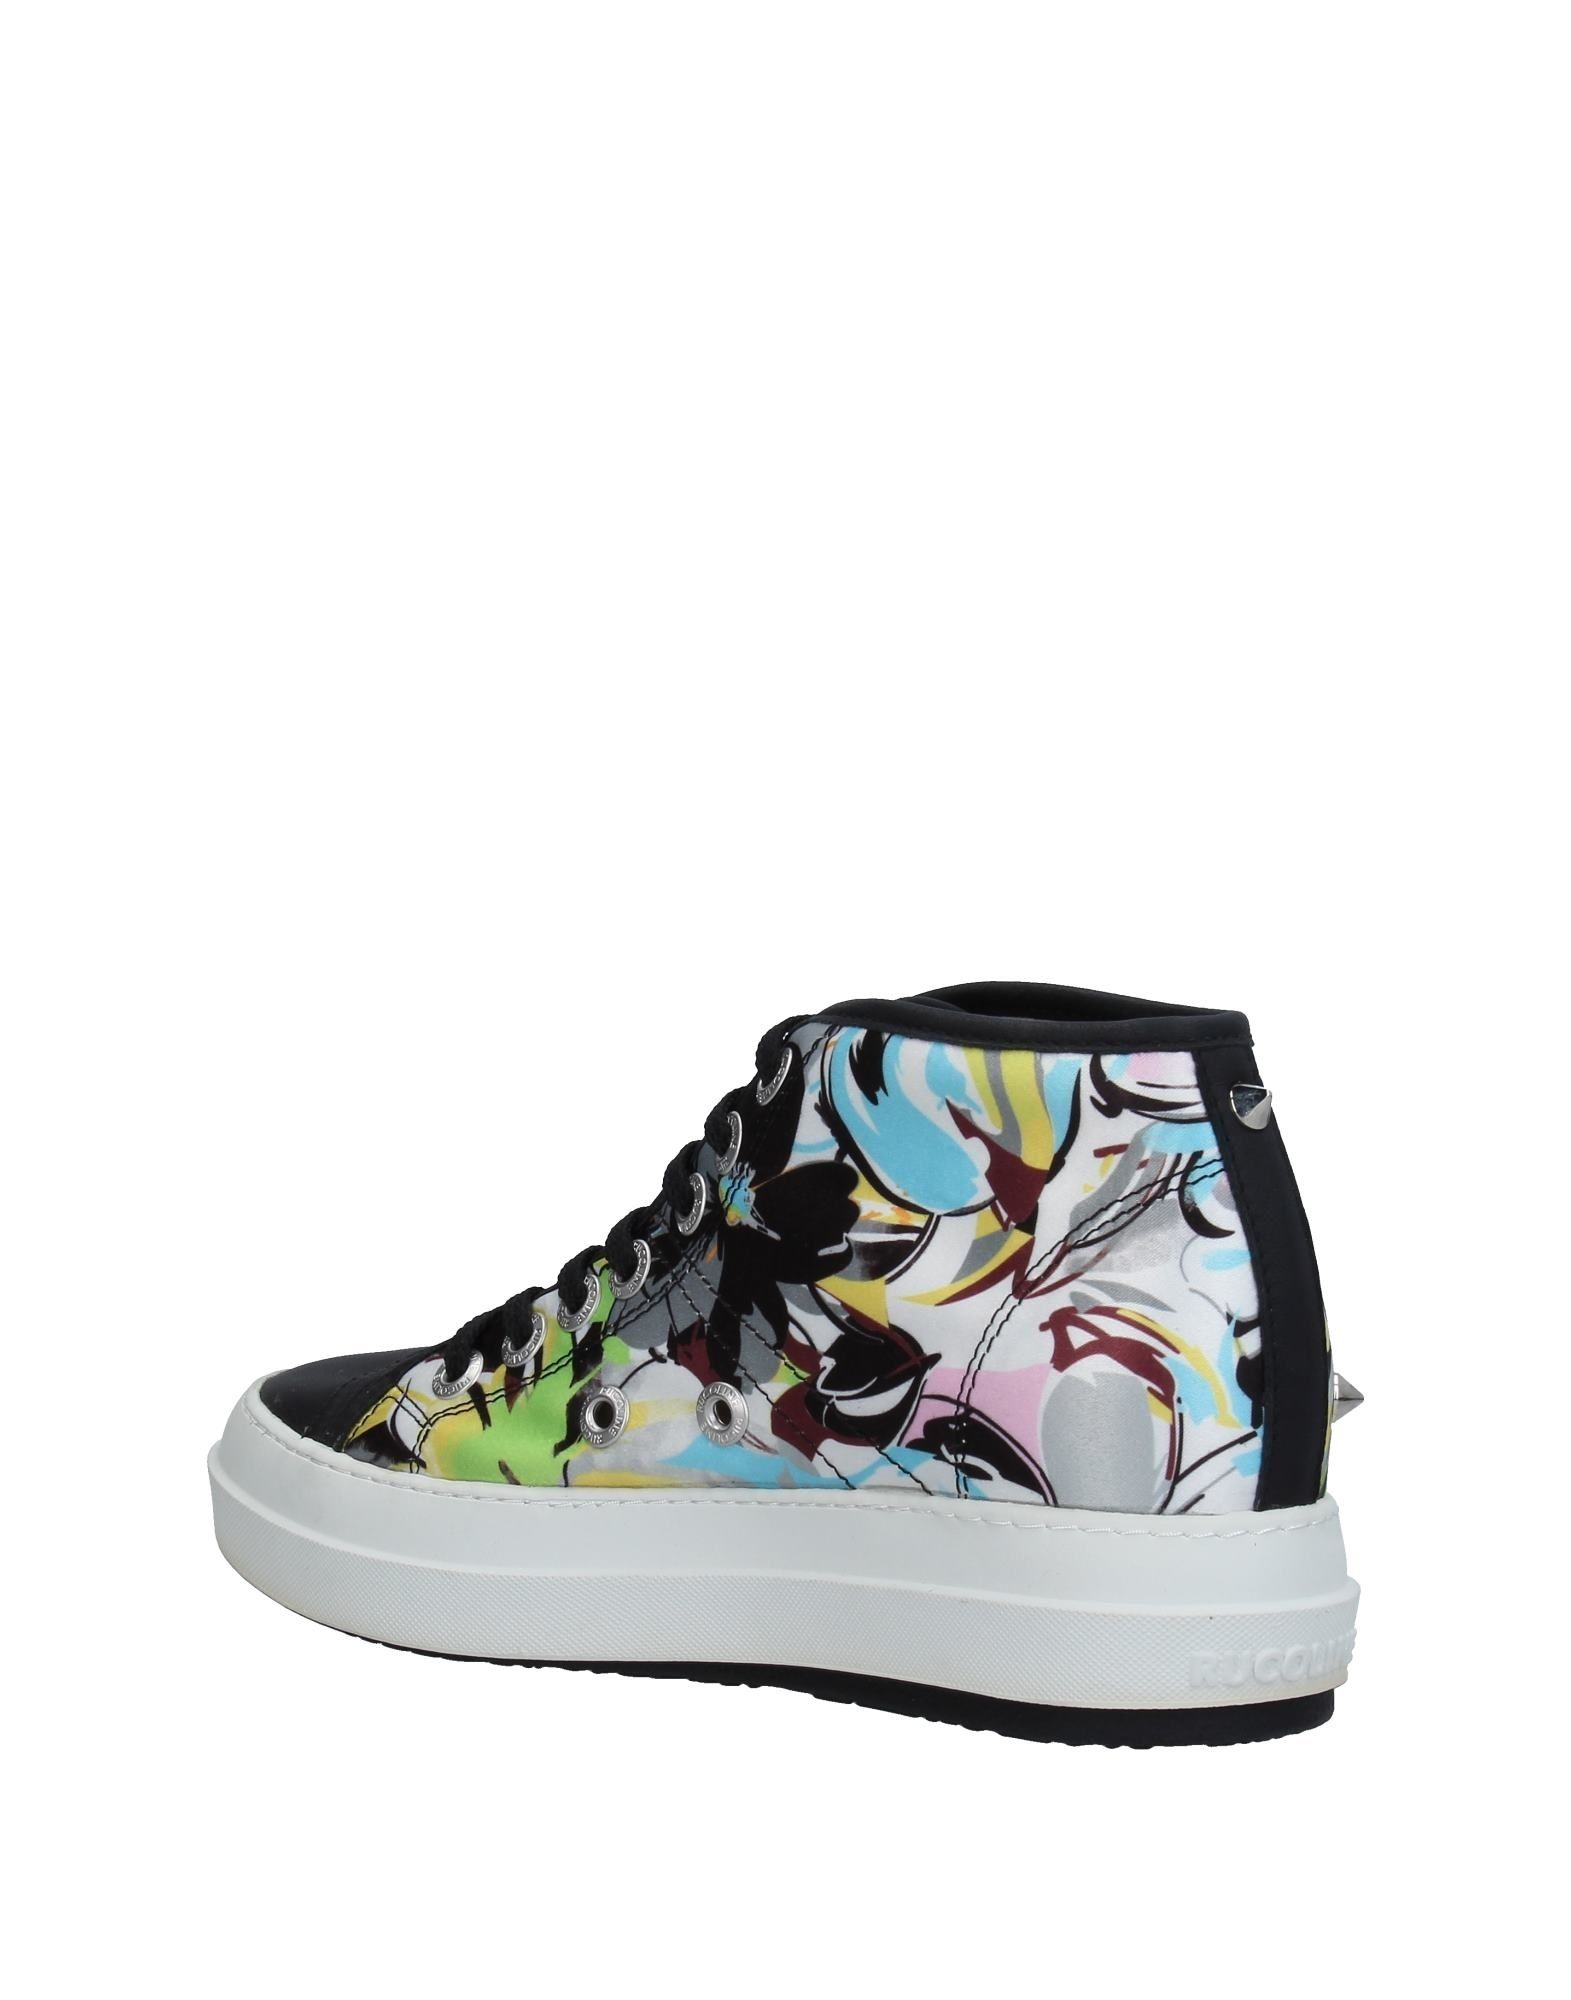 Ruco Line Sneakers Damen Gutes Preis-Leistungs-Verhältnis, lohnt es lohnt Preis-Leistungs-Verhältnis, sich de3b52